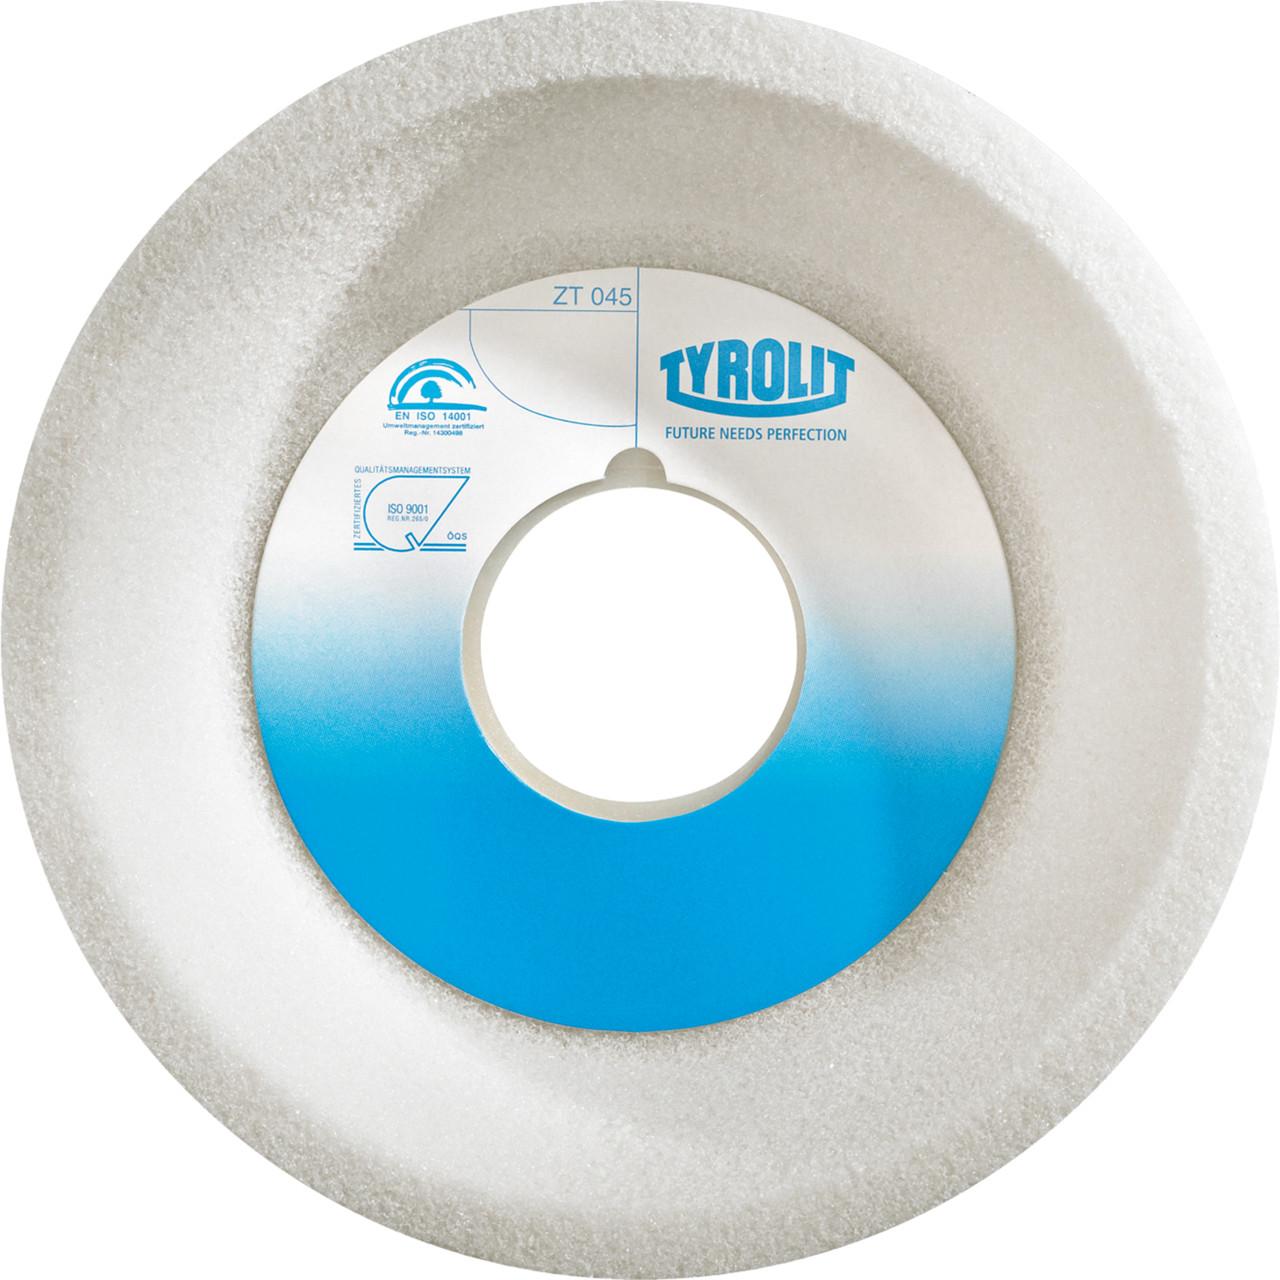 Immagine di Mola ceramica convenzionale per rettifica a secco Per acciai non legati e a bassa lega, acciai altamente legati e superrapidi.